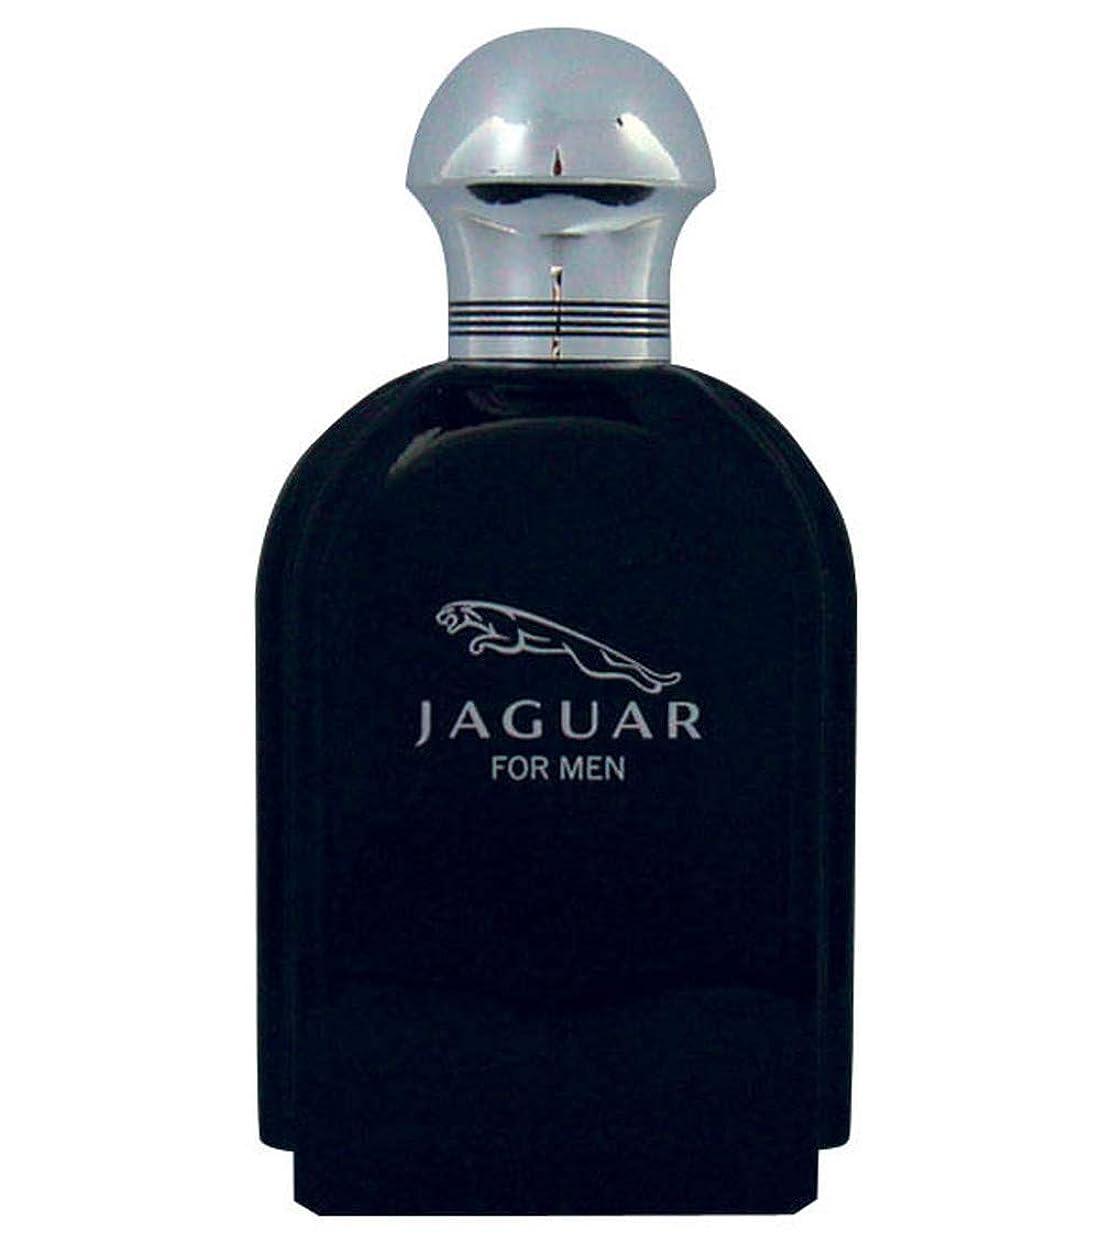 熱望する製油所壮大なジャガー JAGUAR 香水 ジャガーフォーメン ET/SP/100ML 1393-JG-100 [kos-1]